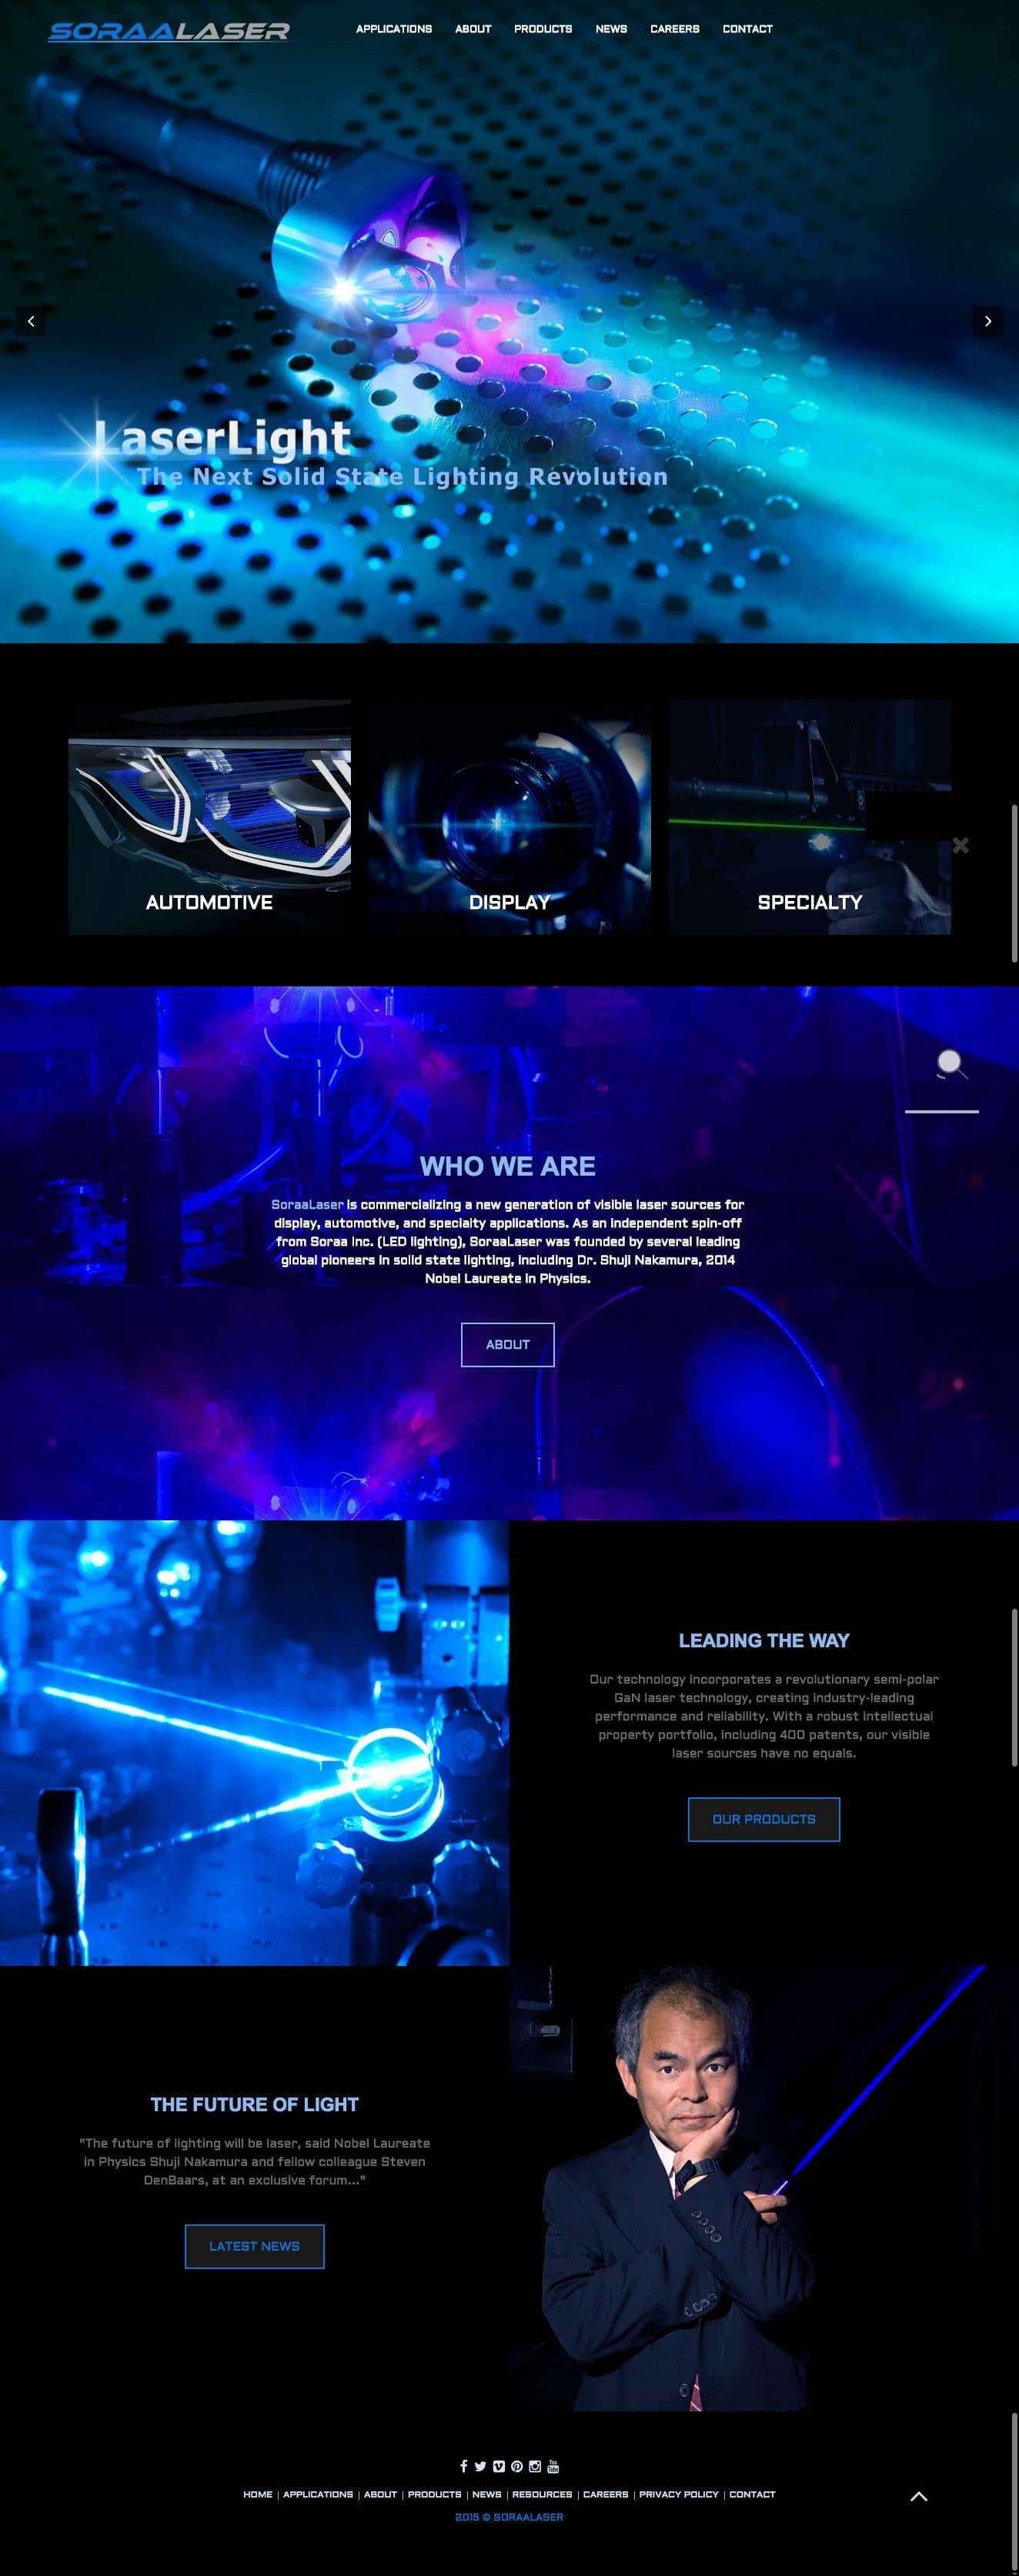 WebWorks Web Design Los Angeles - Soraa Laser